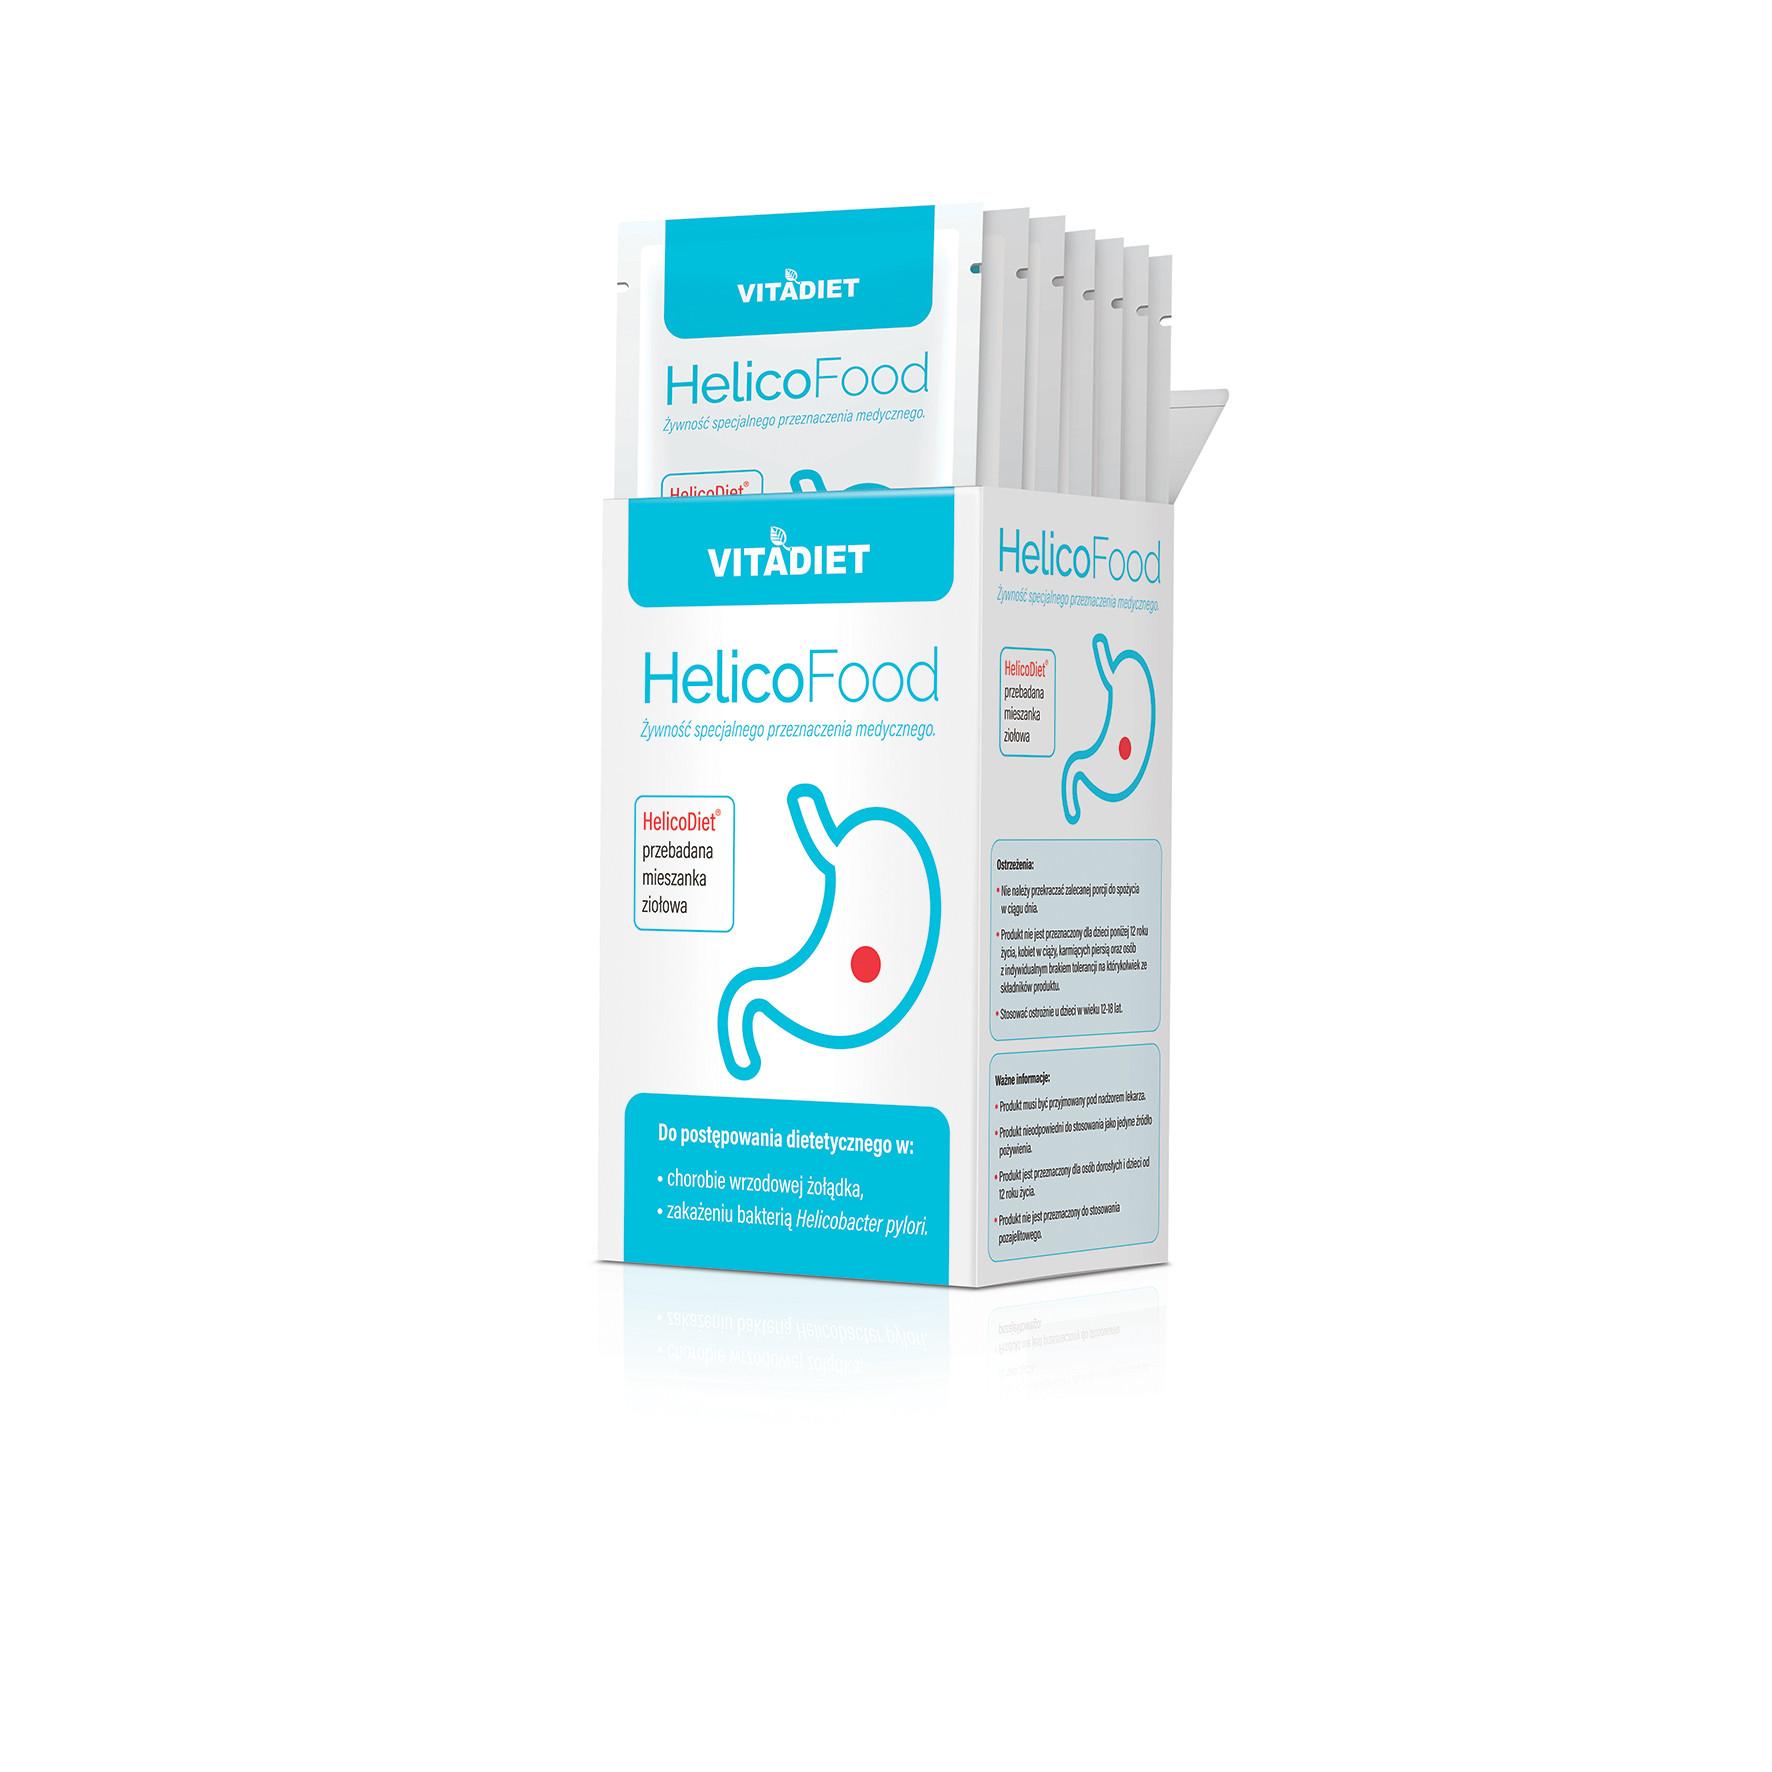 Nowe produkty dla osób zakażonych bakterią Helicobacter pylori wkrótce w sprzedaży